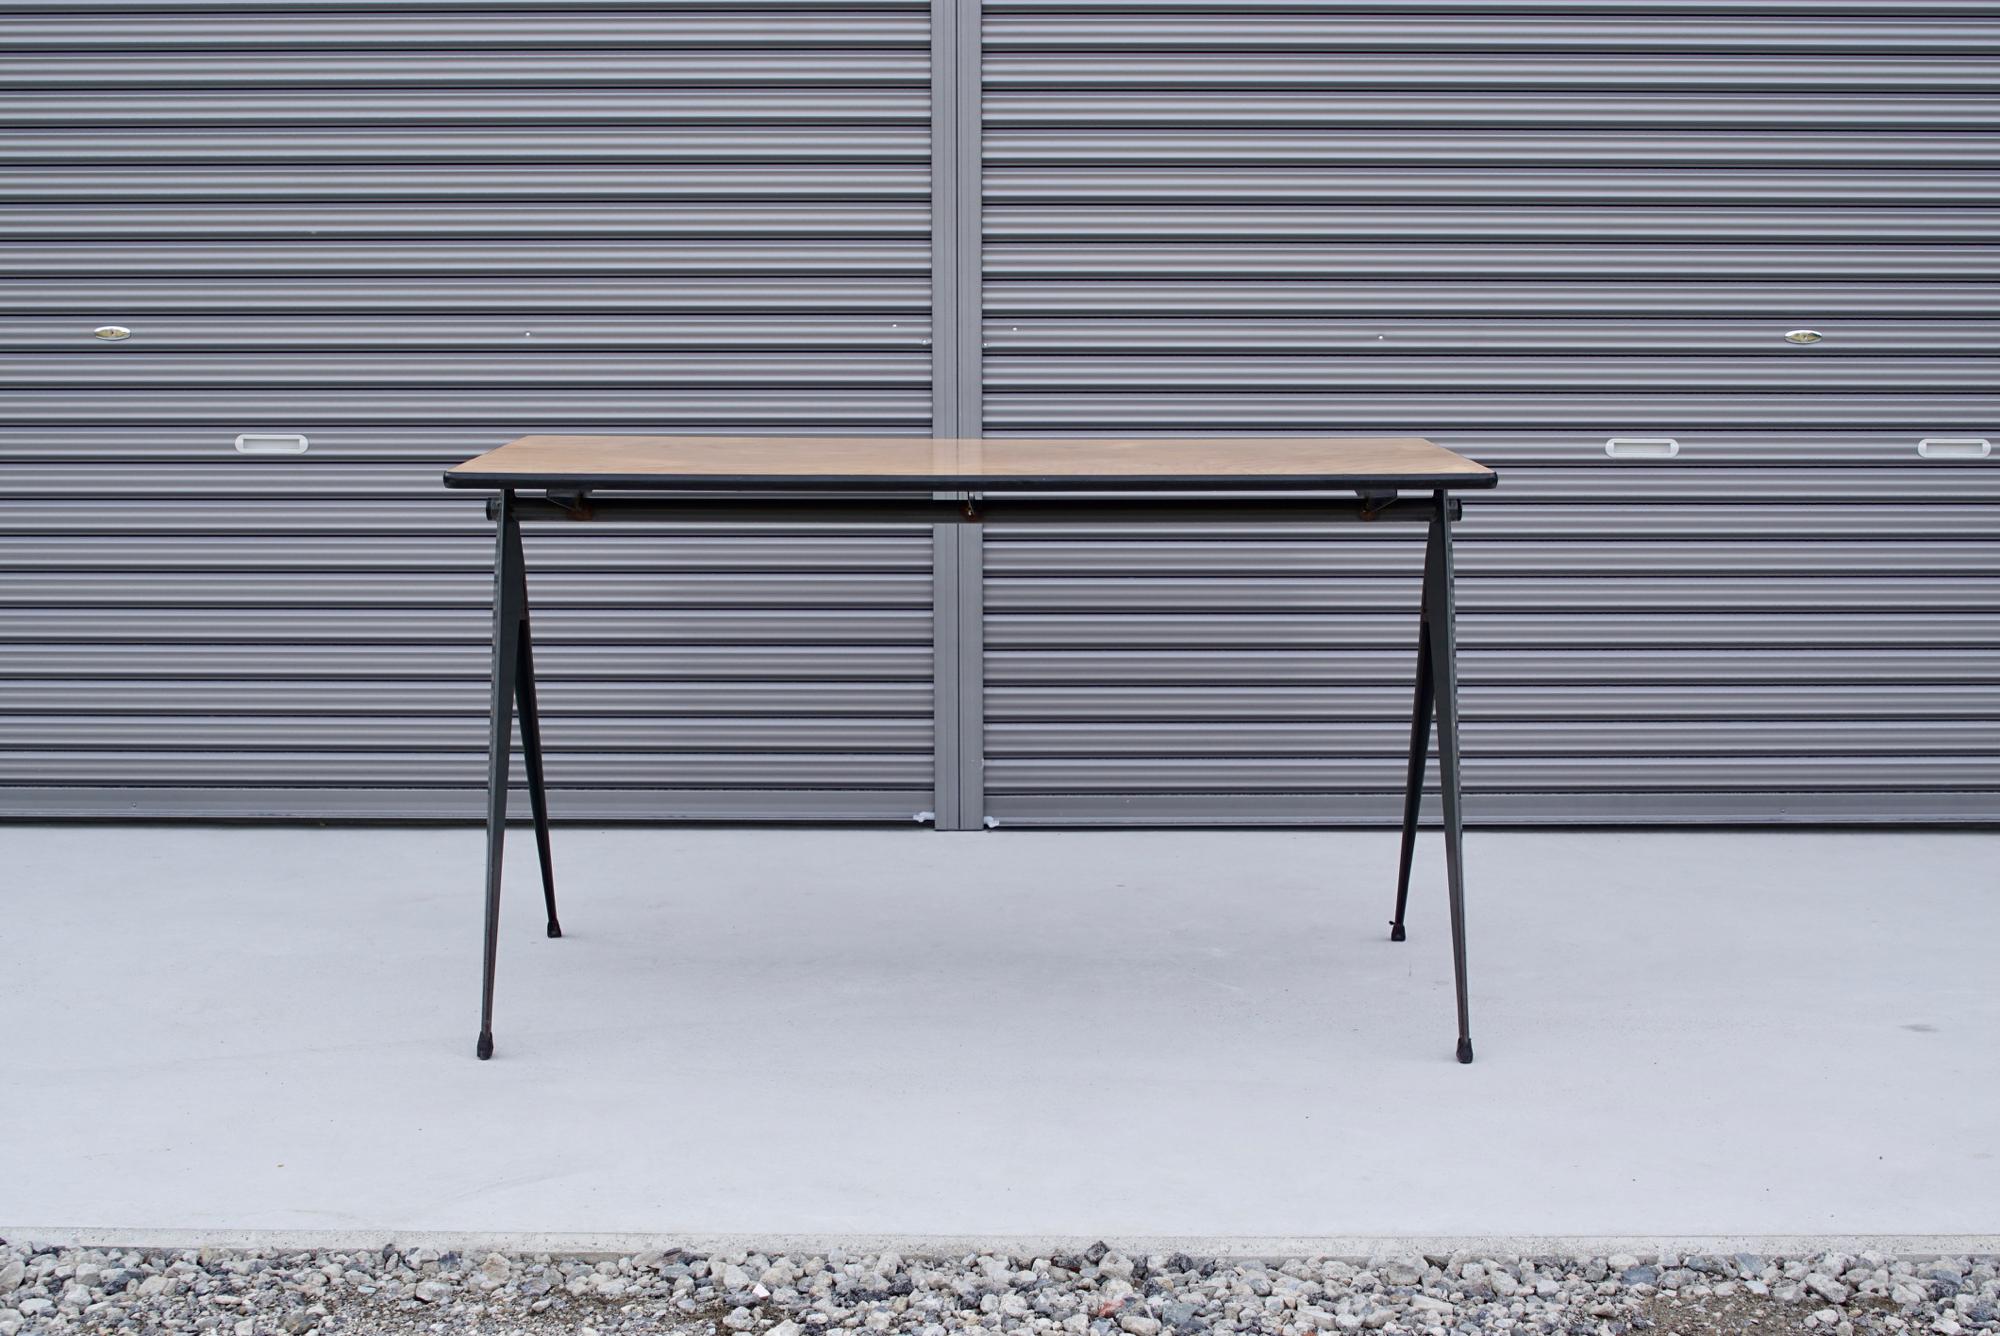 004_008A インダストリアル コンパステーブル - 1